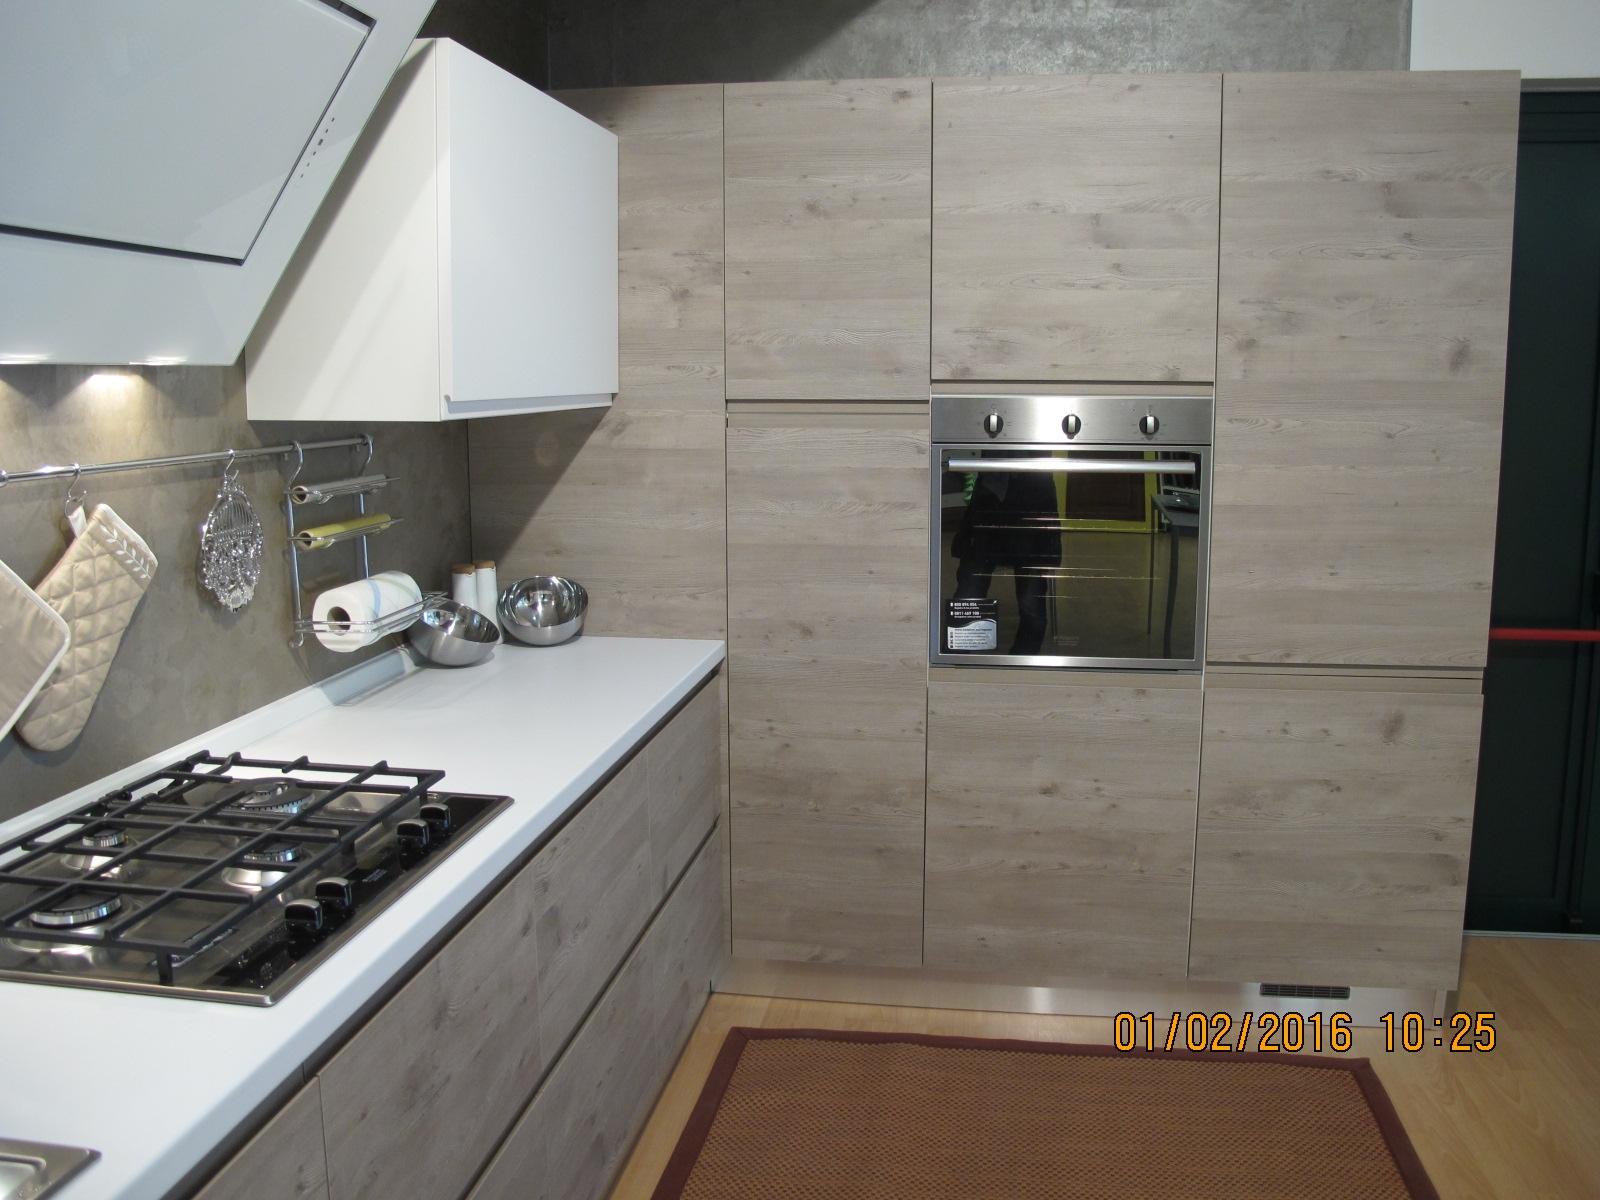 Cucina finitura effetto legno con dispensa ad angolo, sconto del 59% - Cucine a prezzi scontati